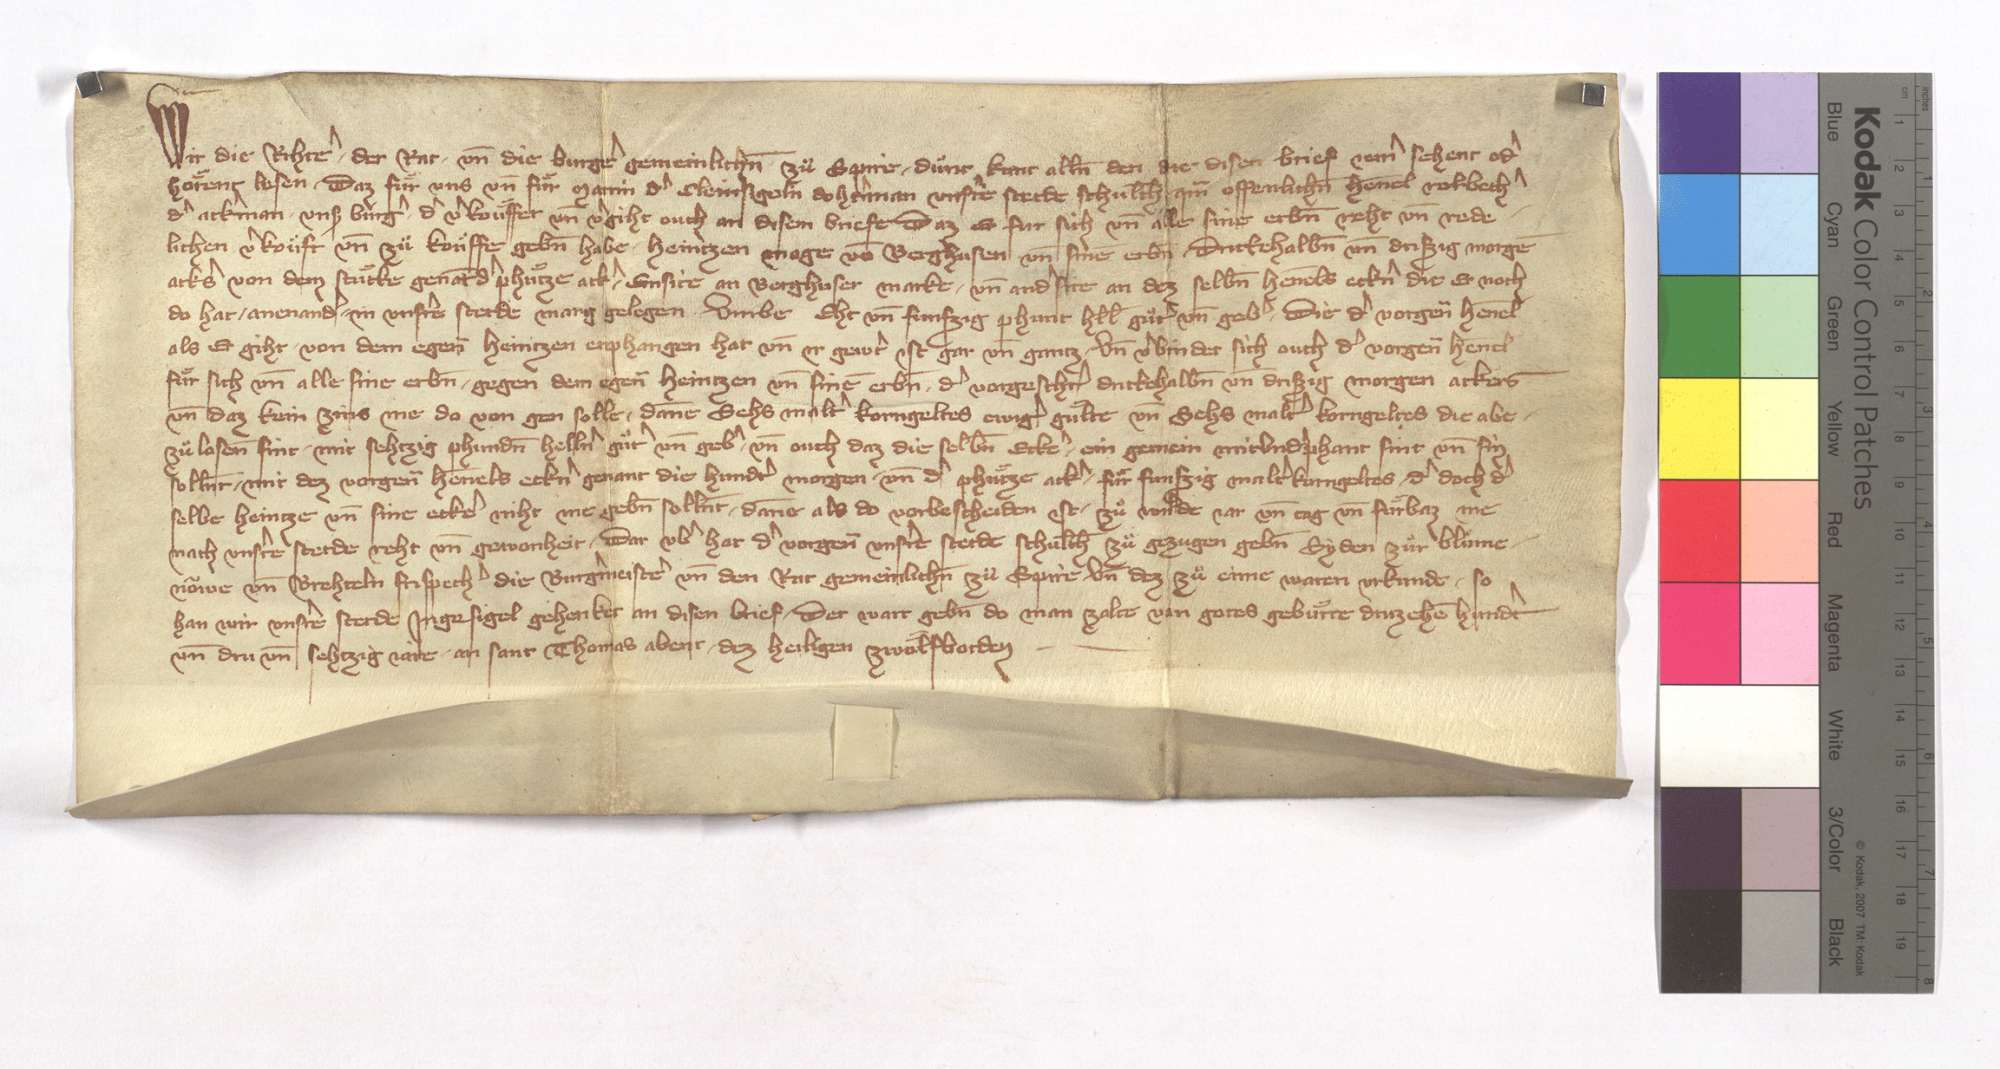 Hennel Rorbecher verkauft 32 1/2 Morgen Acker, der Pfitzeacker genannt, in Speyrer Markung an Heinz (Heintz) Magen von Berghausen., Text